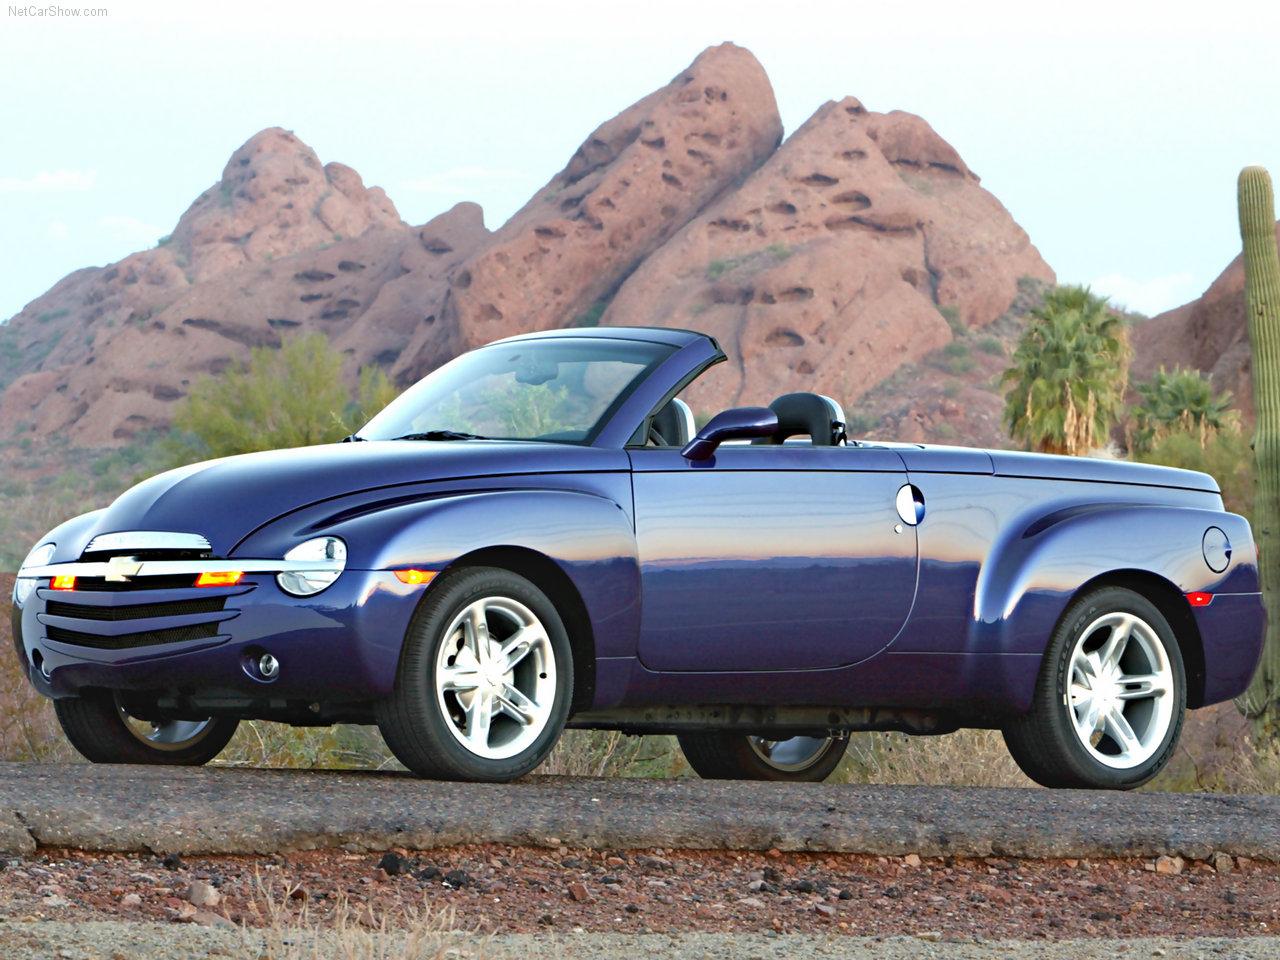 Chevrolet - Populaire français d'automobiles: 2003 Chevrolet SSR